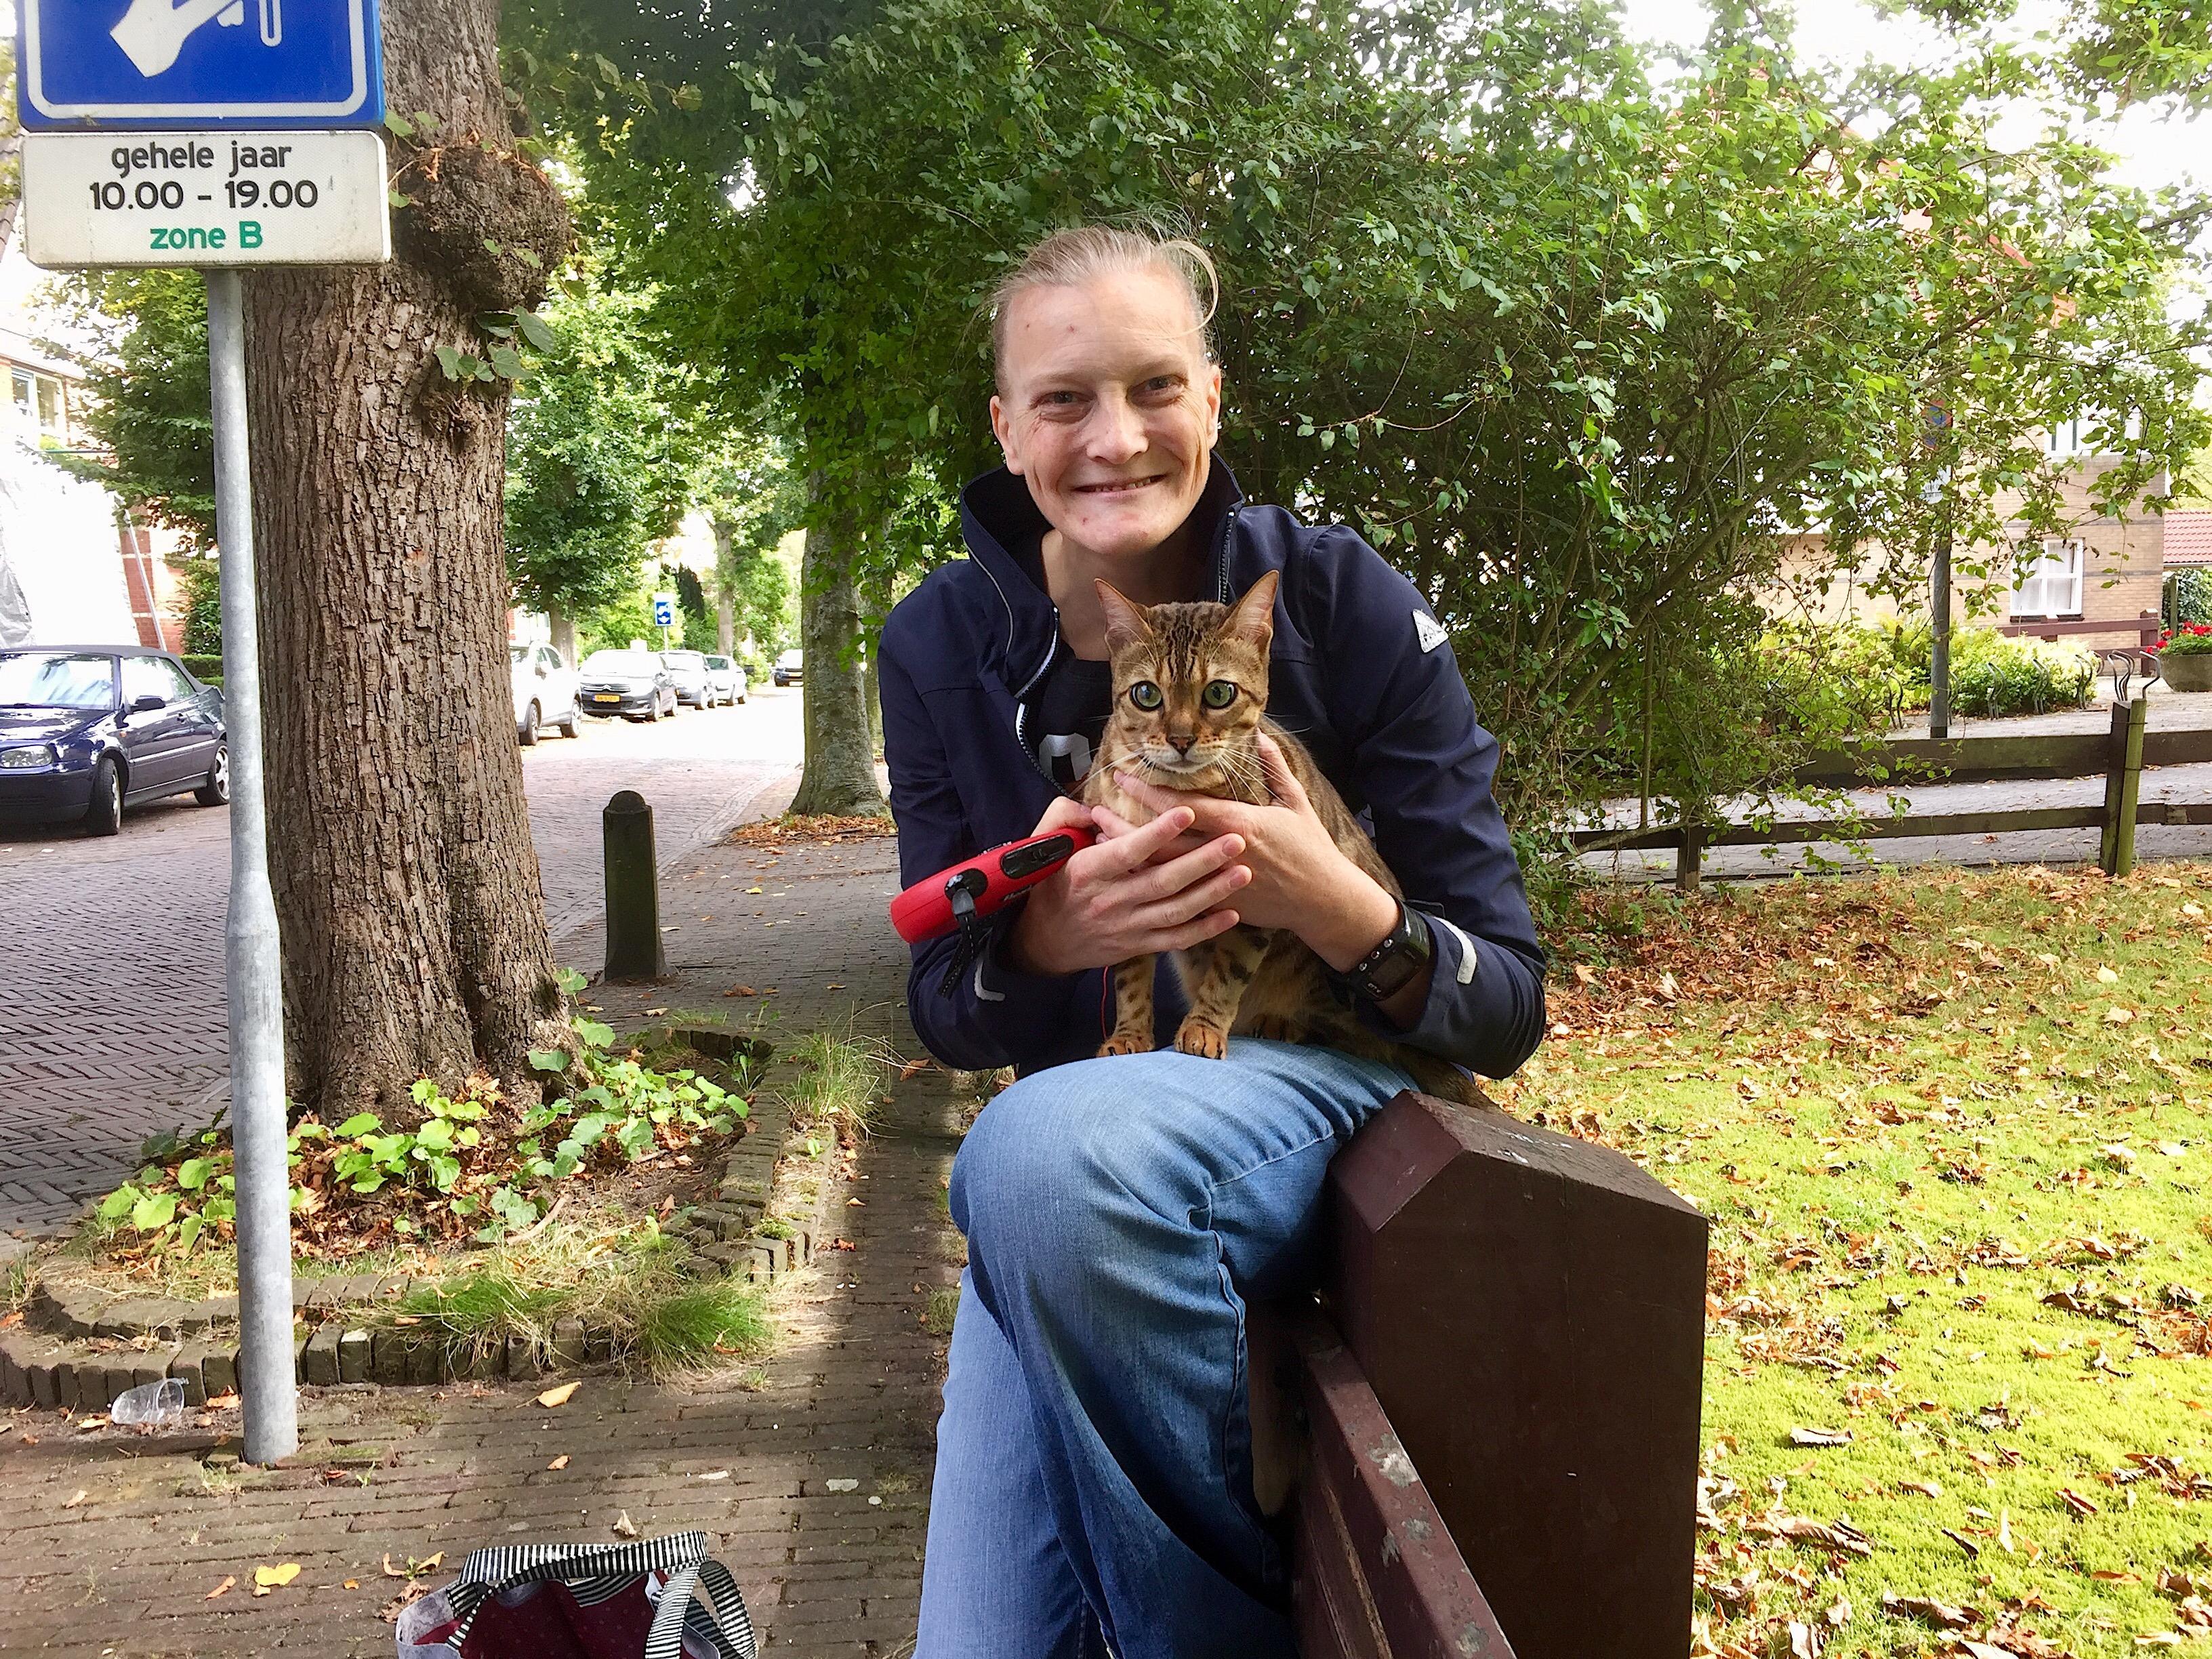 Onderweg: Annemiek de Ruiter (39) maakt dagelijks rondjes door Bergen met haar Bengaalse kat Ayla